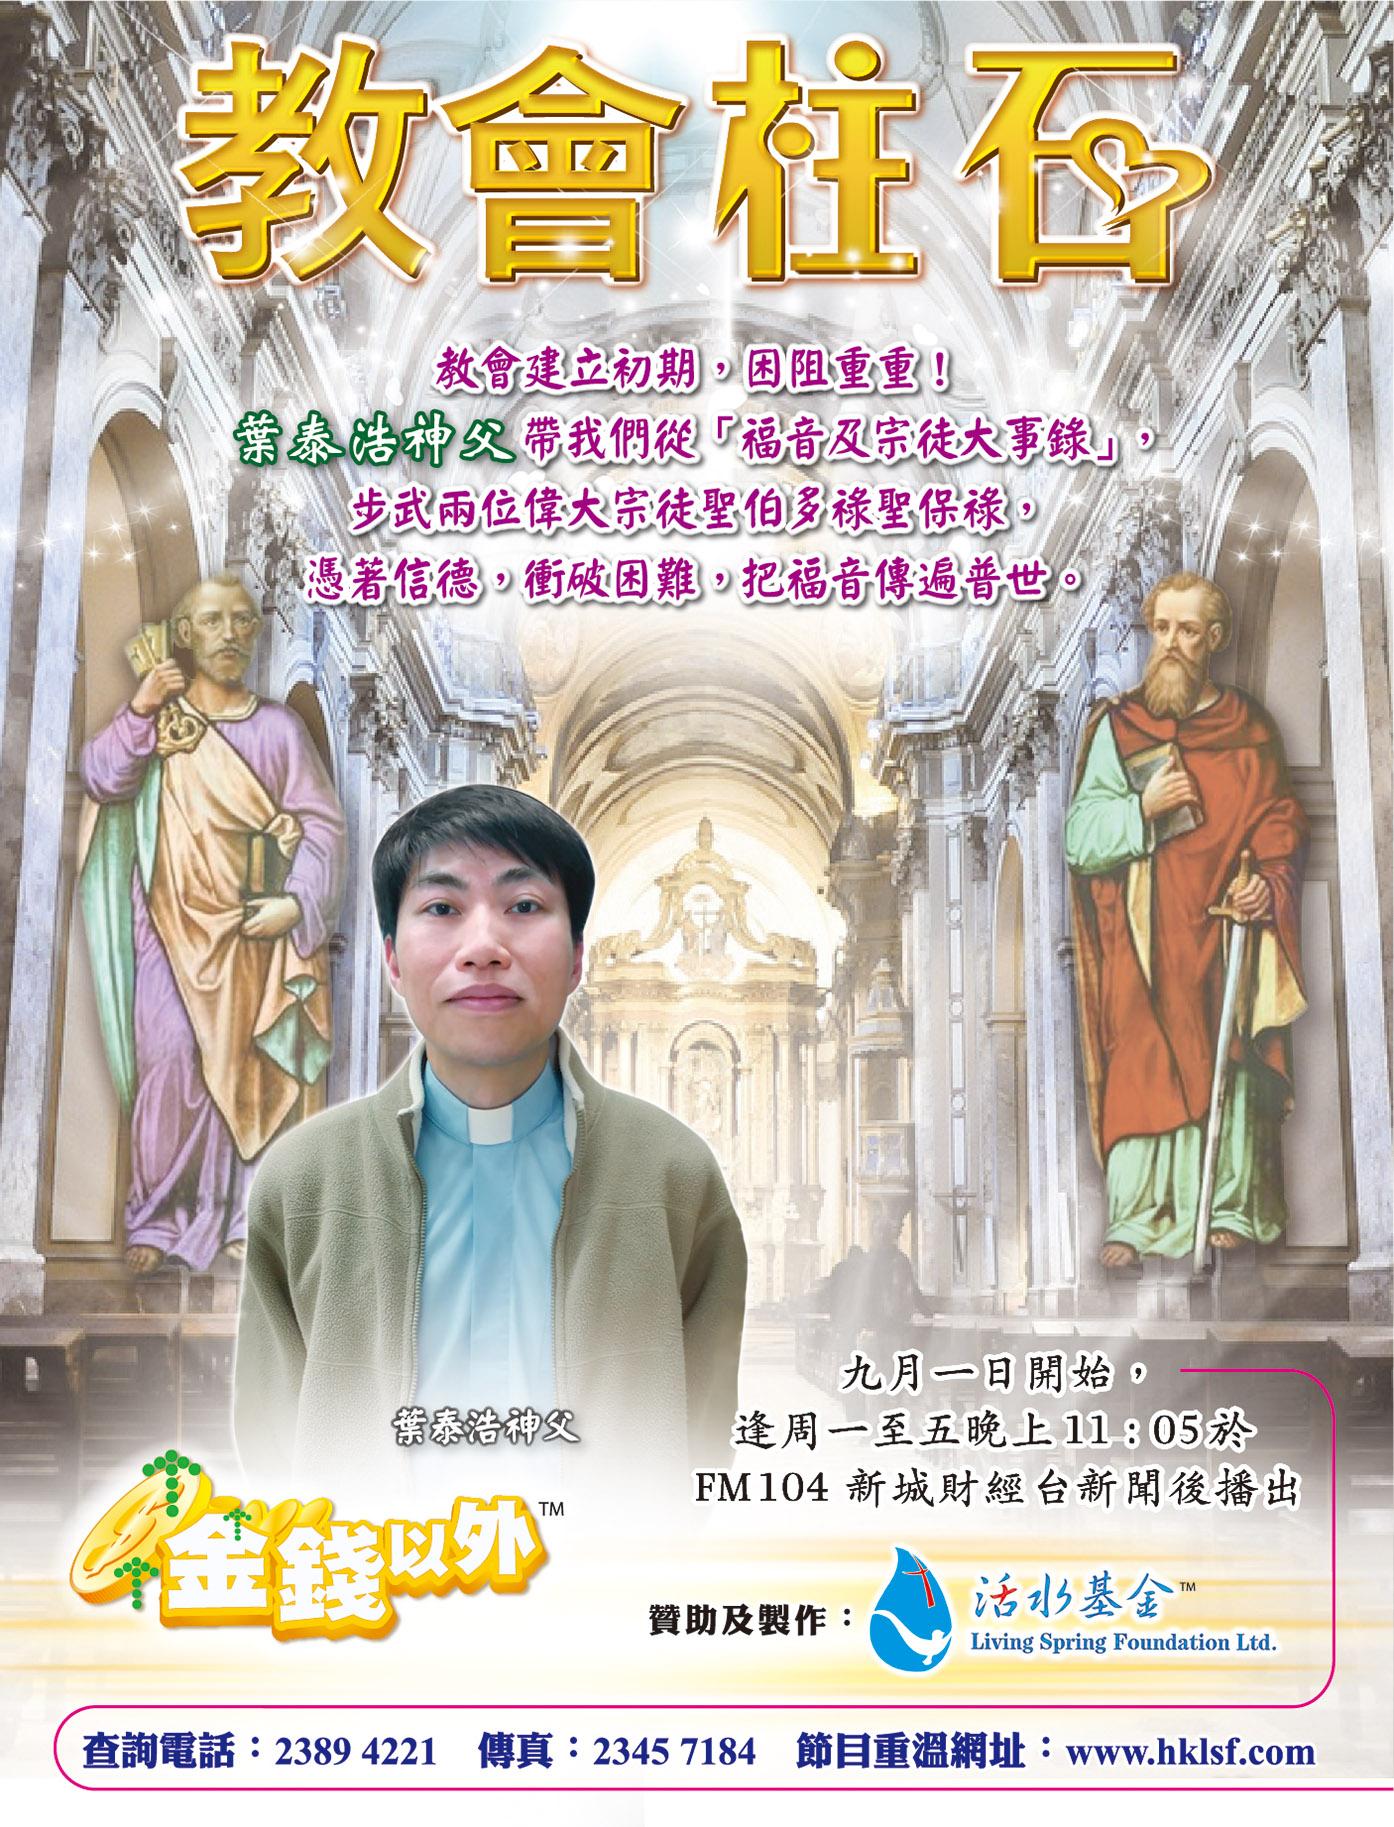 「金錢以外」《教會柱石》 講者:葉泰浩神父